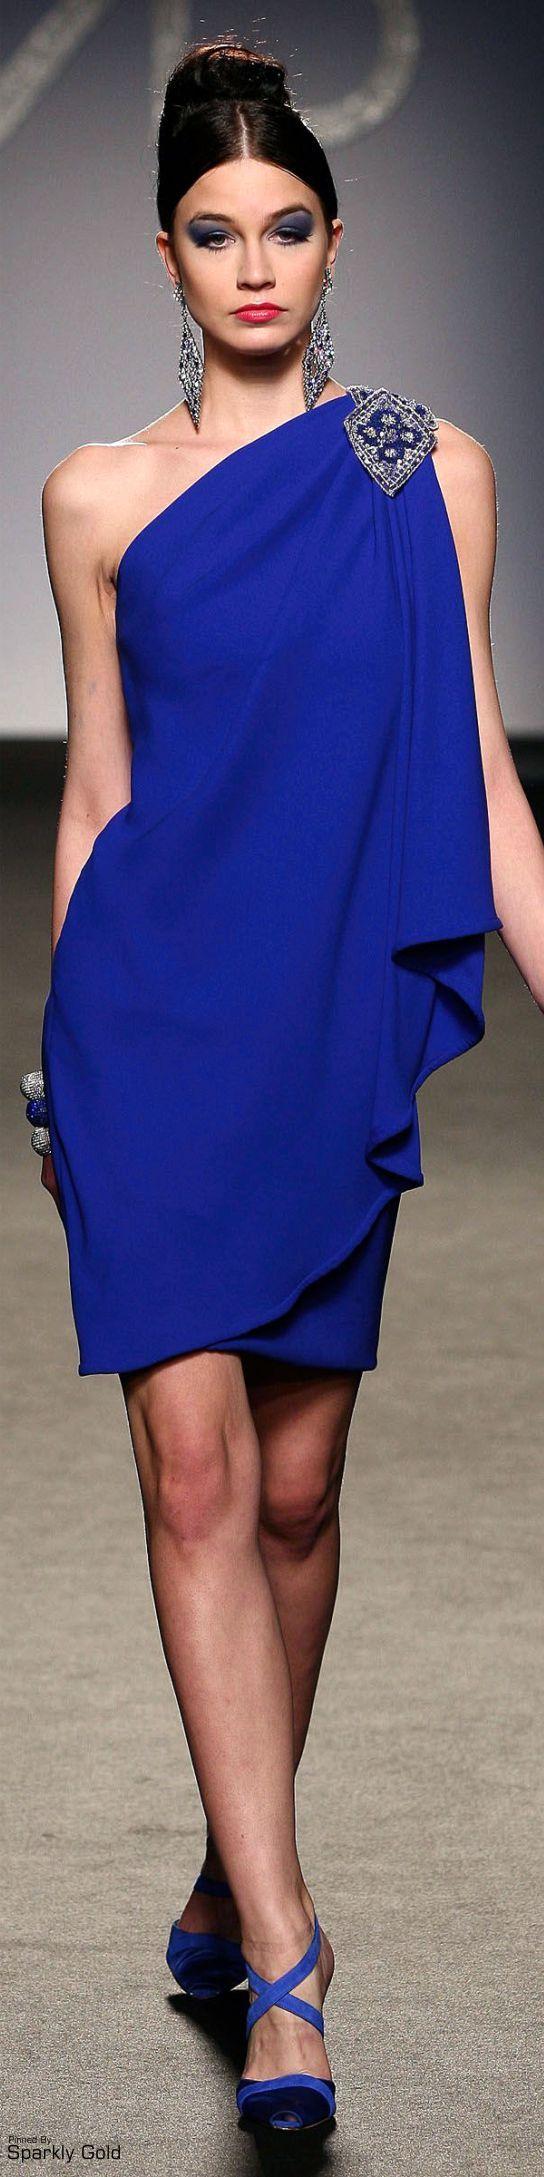 Glam Gowns / karen cox. Renato Balestra